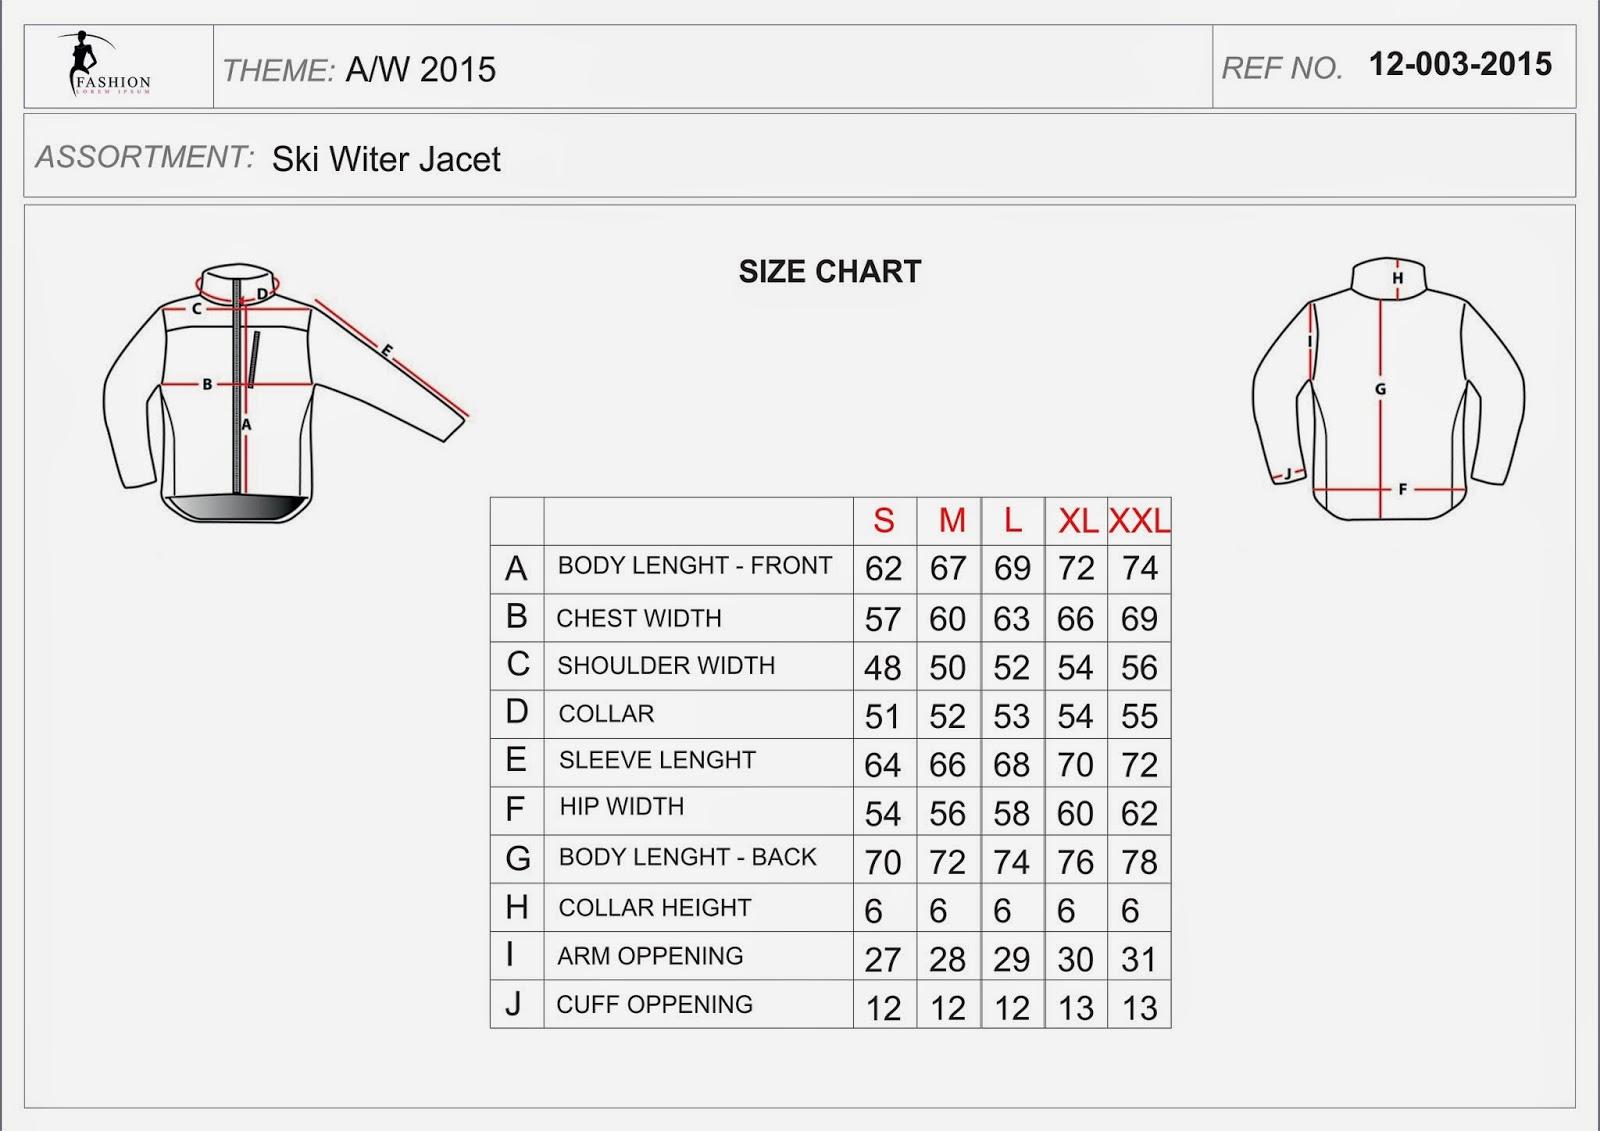 karta produktu - karta rozmiarów